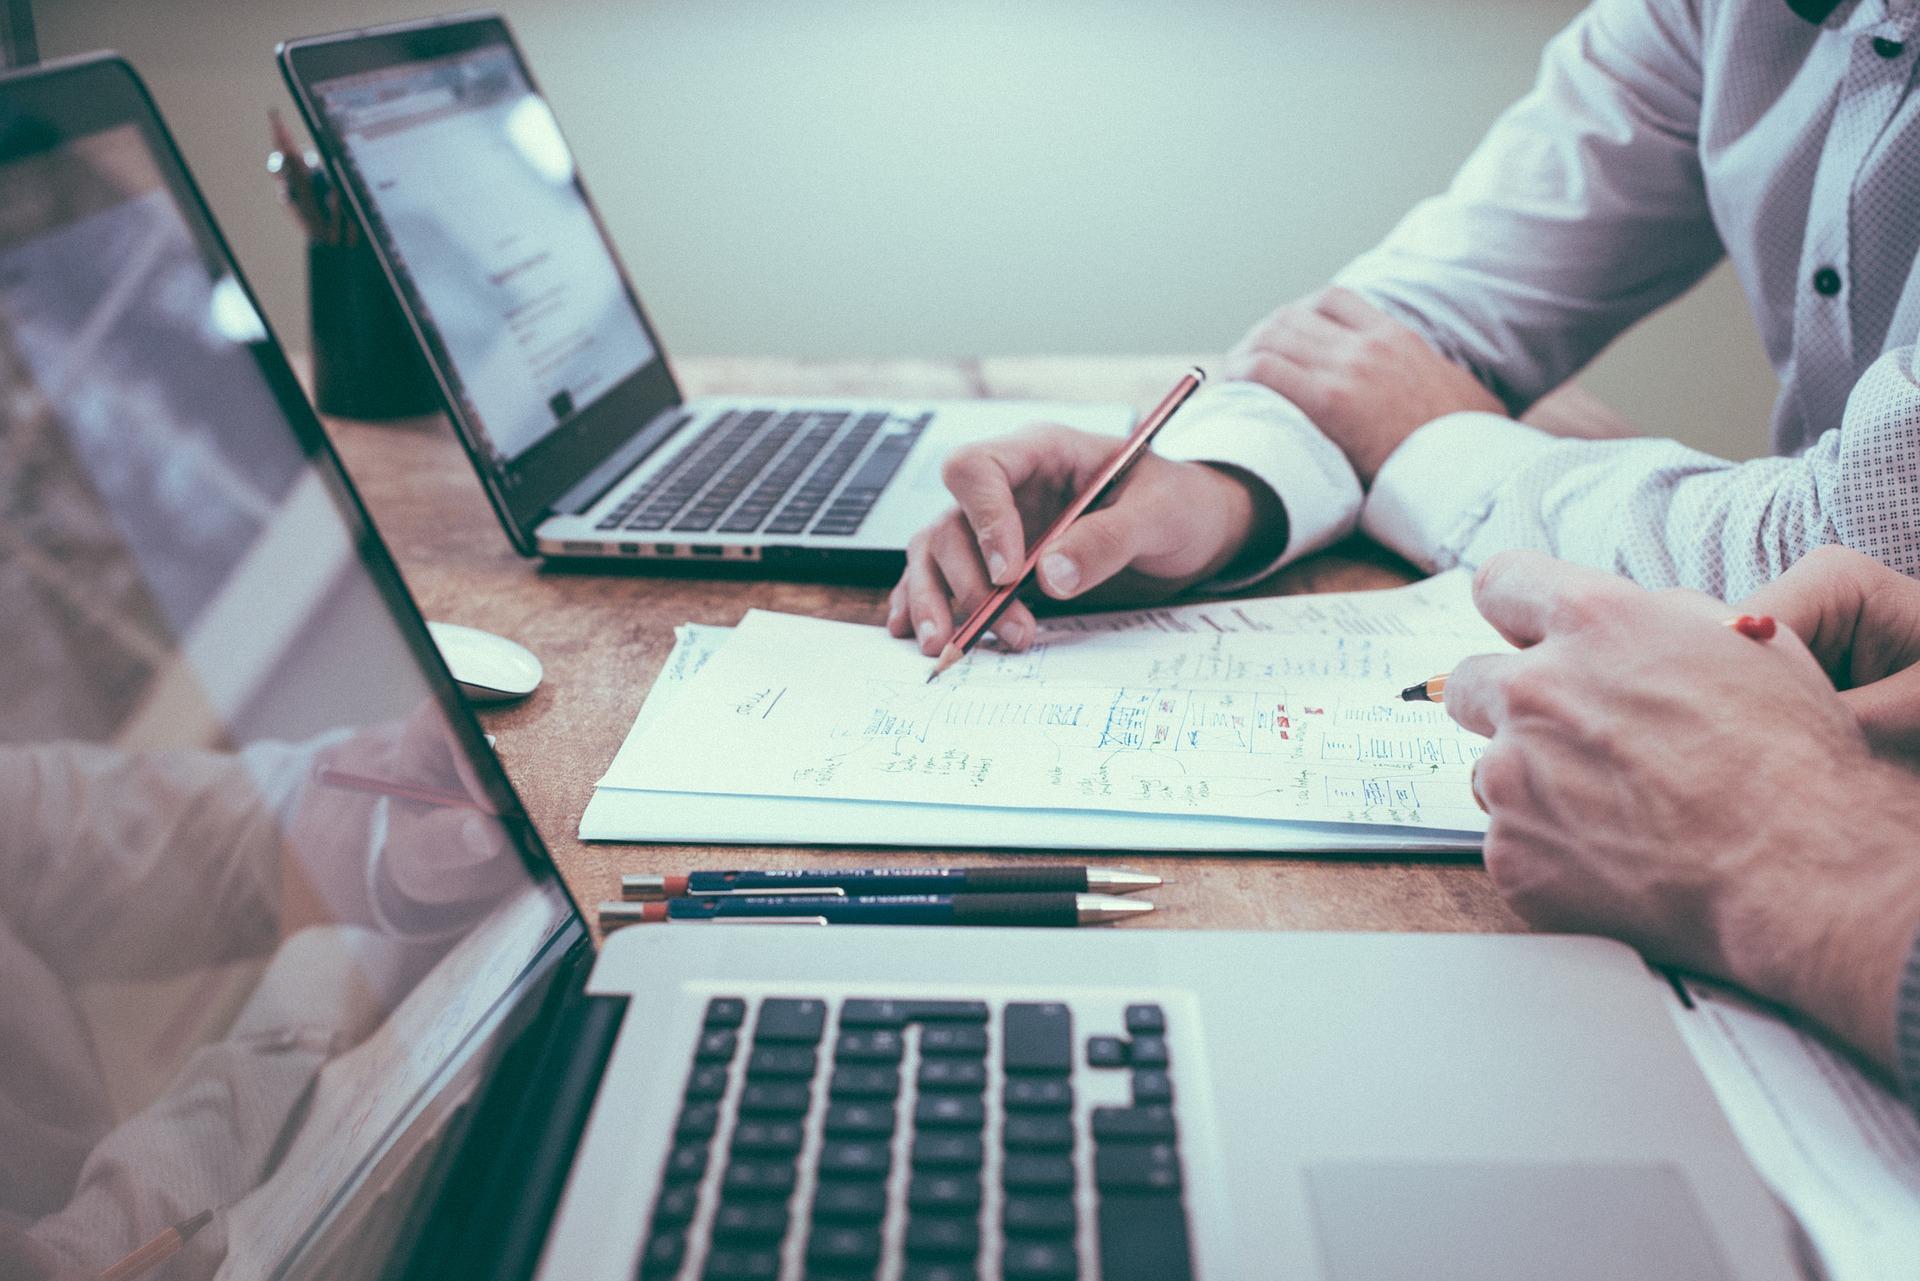 Nachvertragliches Wettbewerbsverbot - und die Karenzntschädigung nach Ermessen des Arbeitgebers